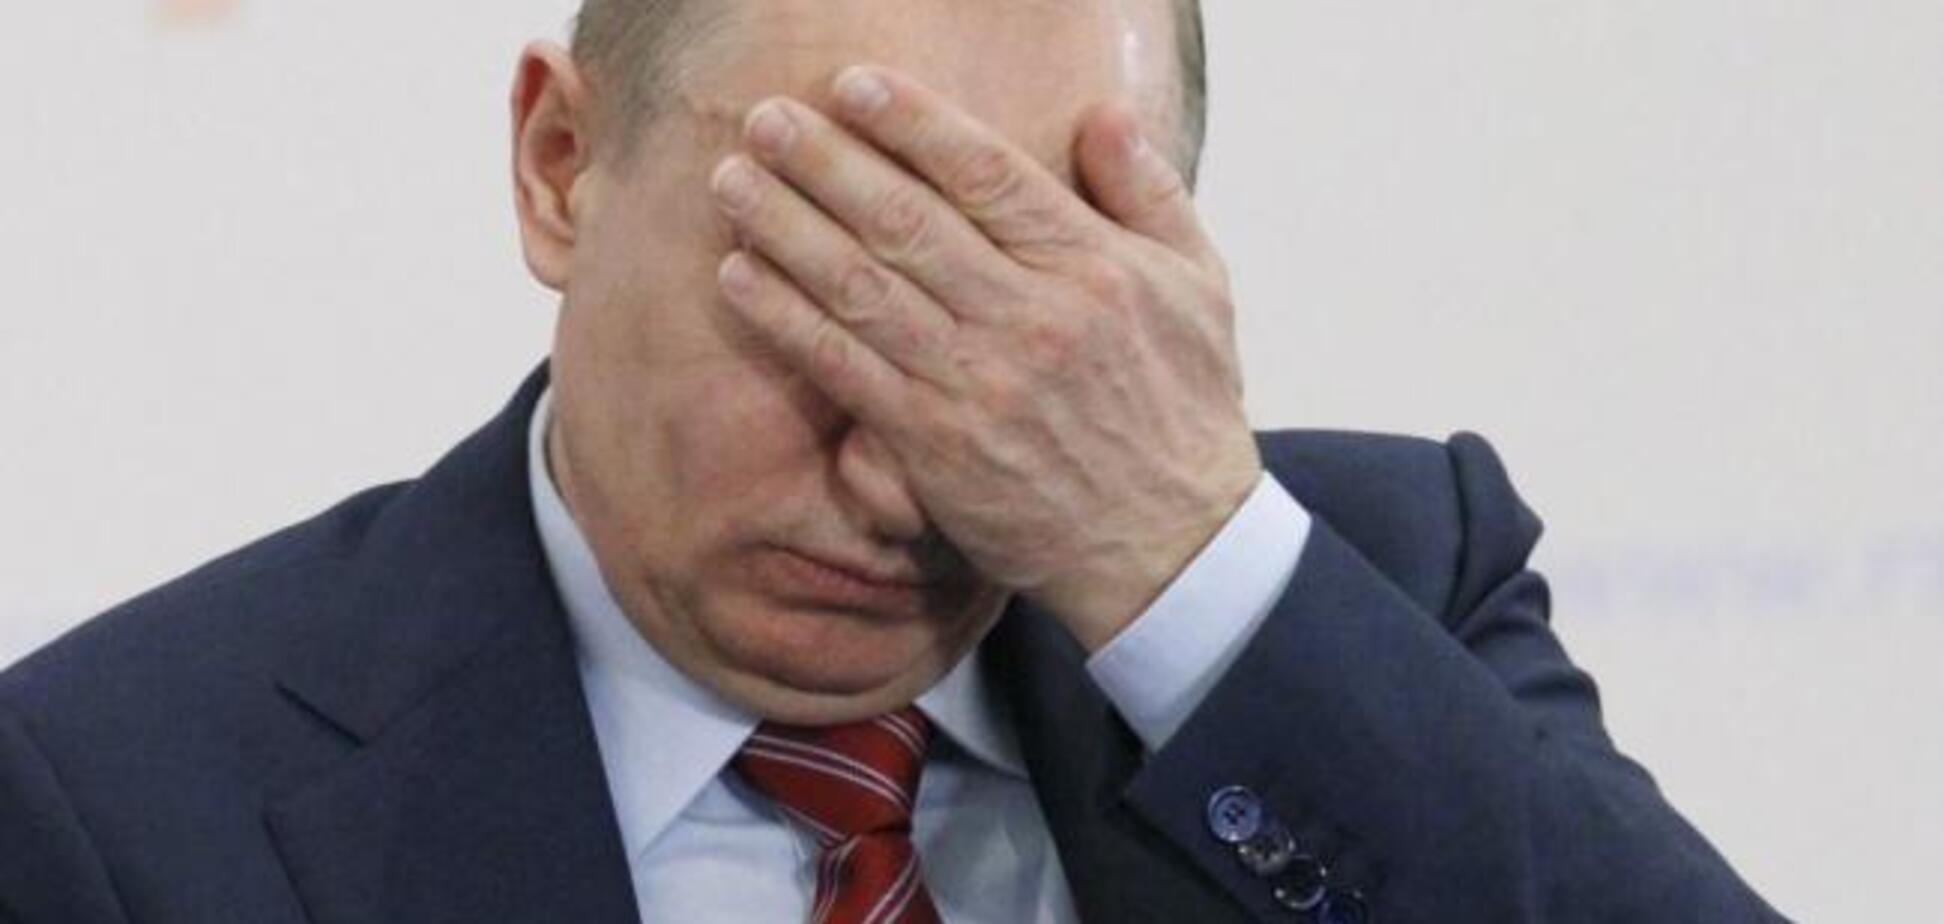 Почти мумия: Путин поразил изменившимся лицом